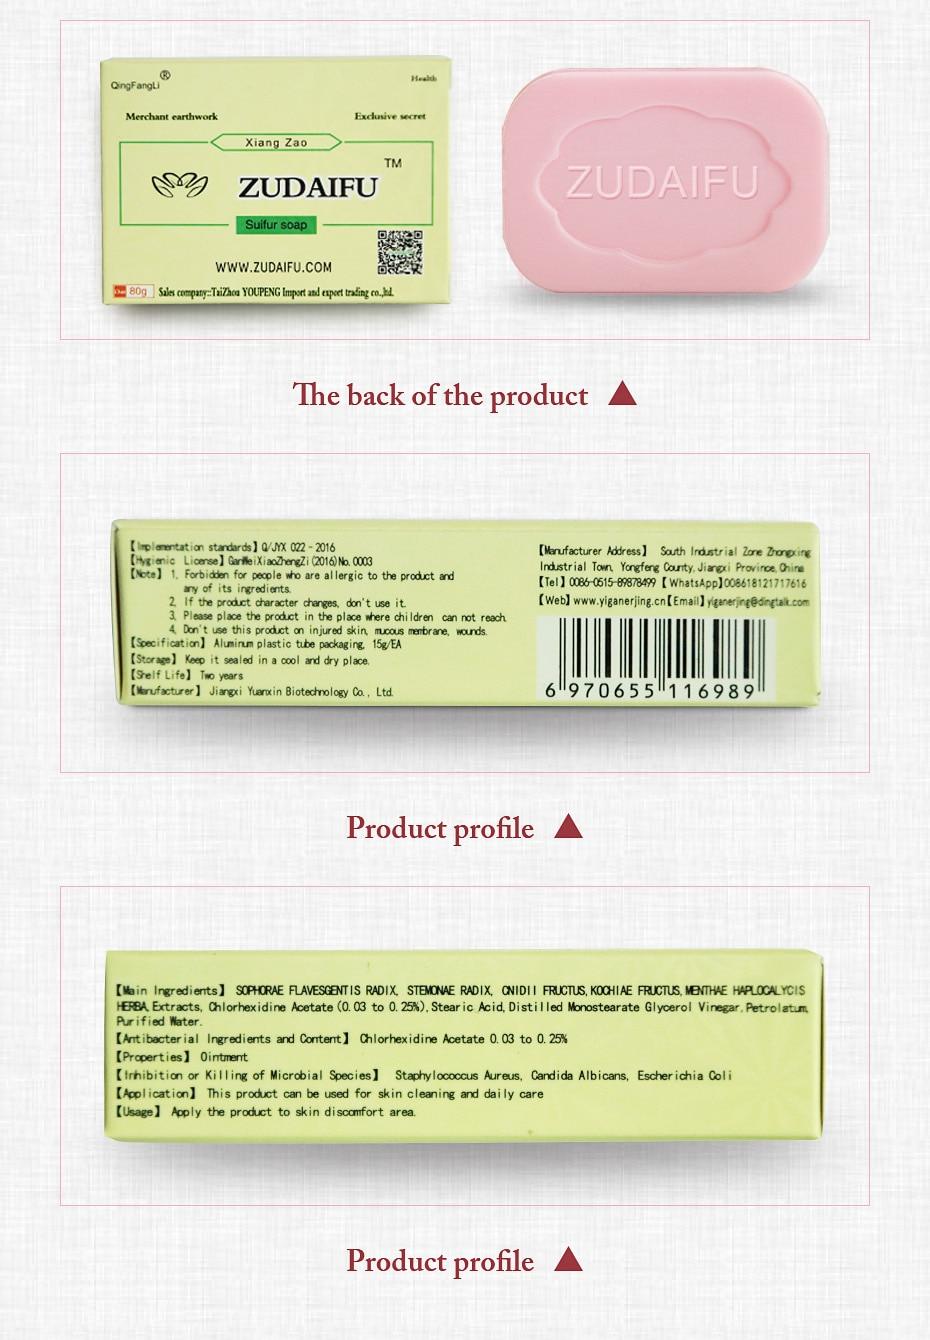 80 г сера мыло кожа состояния угри псориаз себорея экзема анти грибок ванна здоровое мыло экзема зудайфу мыло T12C121